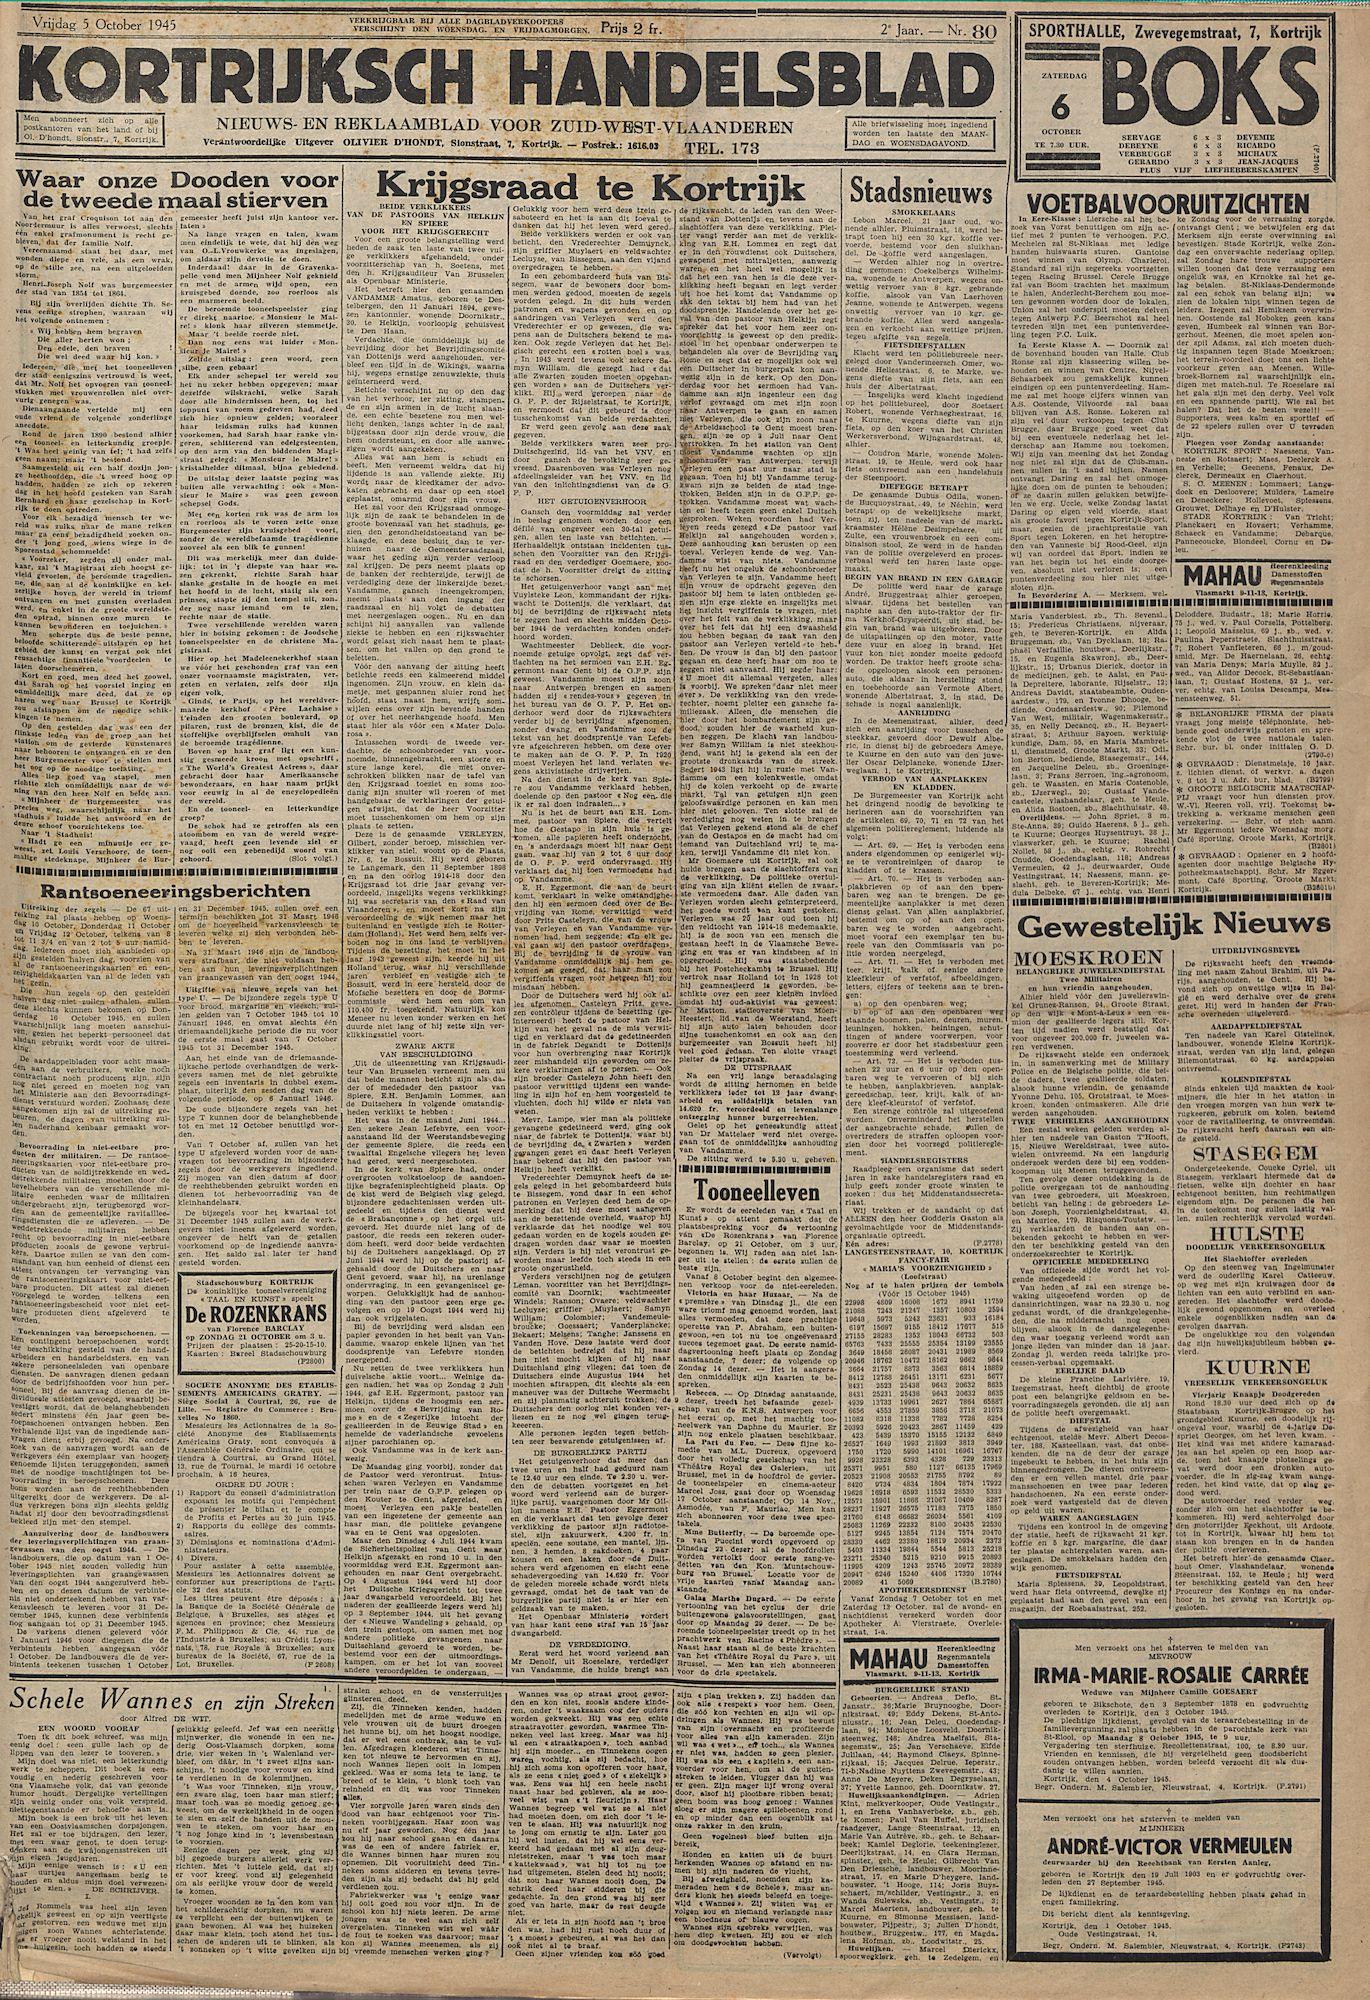 Kortrijksch Handelsblad 5 october 1945 Nr80 p1